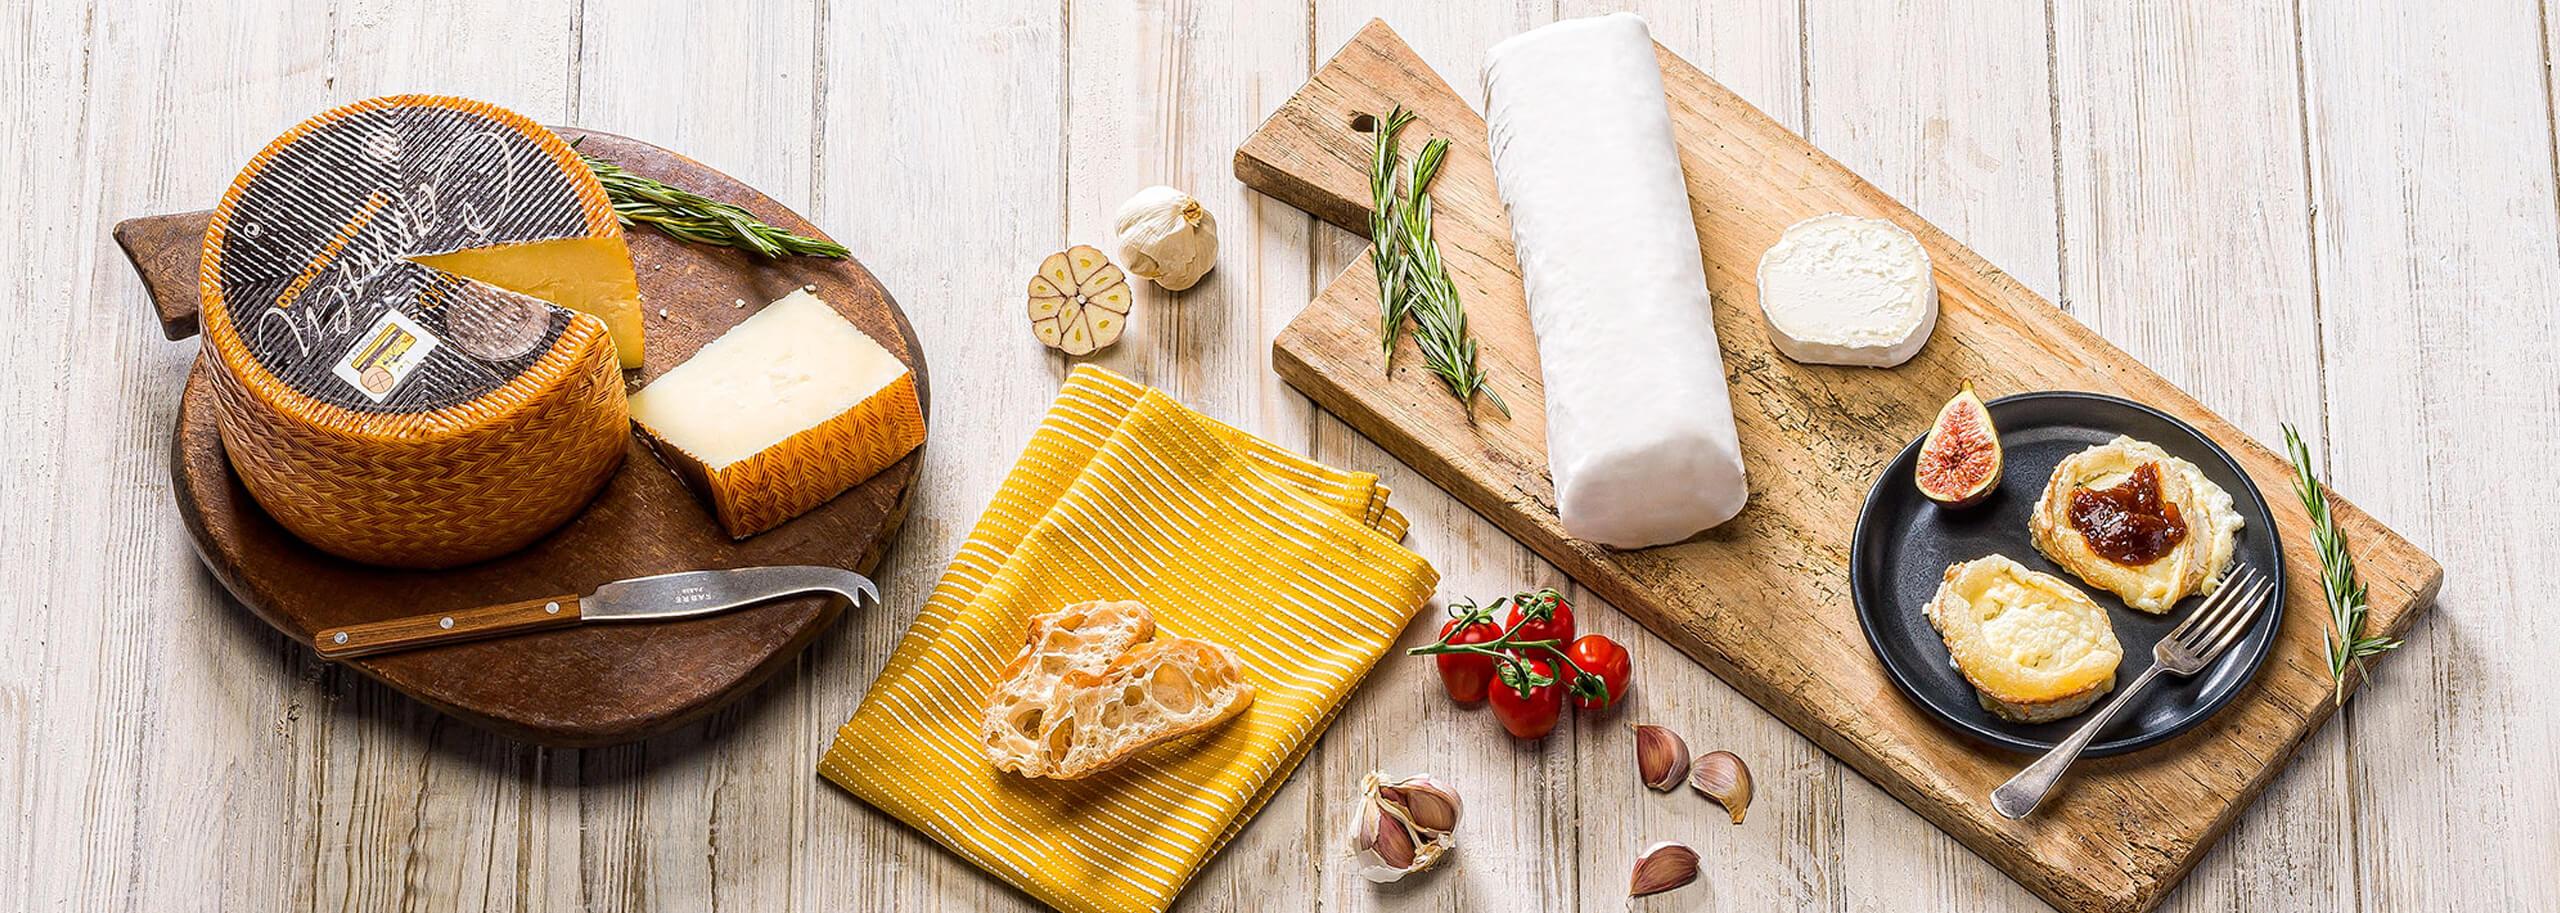 Futura Foods Spanish Cheese